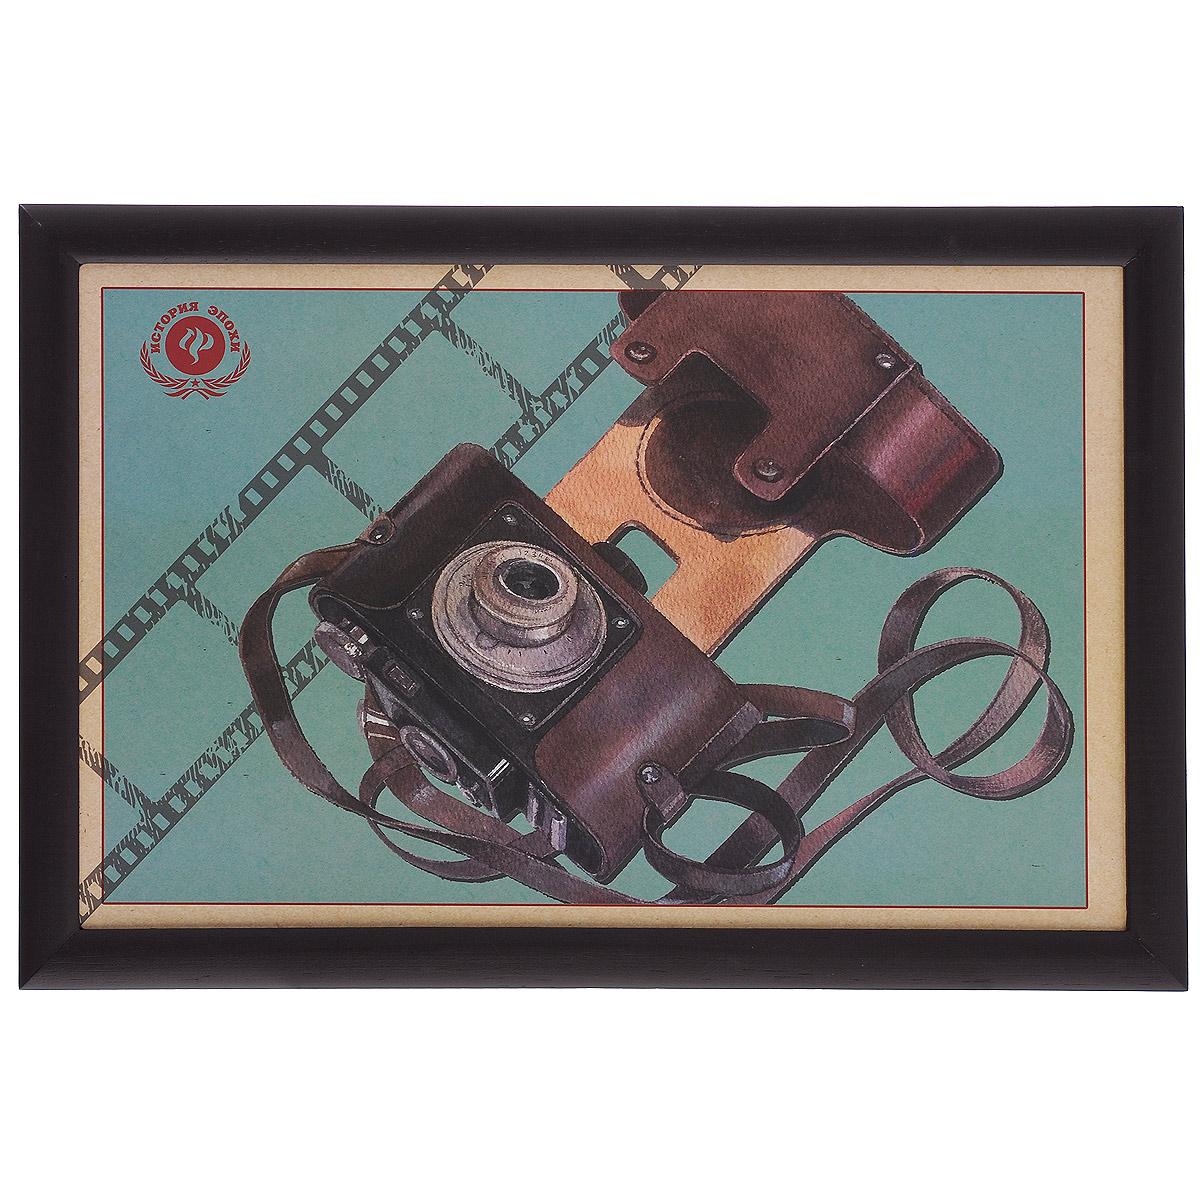 Поднос-столик Феникс-презент Ретро-фотоаппарат, с мягким основанием, 41 х 28 см 3737337373Поднос-столик Феникс-презент Ретро-фотоаппарат изготовлен из дерева (столешница из мдф, рамка из сосны) и оформлен оригинальным изображением ретро-фотоаппарата. Основание подноса выполнено в виде текстильной подушки, наполненной пенополистиролом. Такой поднос очень функционален: его можно использовать в качестве подноса для еды или подставки для ноутбука. Он удобно и устойчиво размещается на коленях или диване, так как подушка столика принимает форму поверхности. Размер подноса-столика: 41 см х 28 см х 5 см. Внутренний размер подноса: 37 см х 23,5 см.